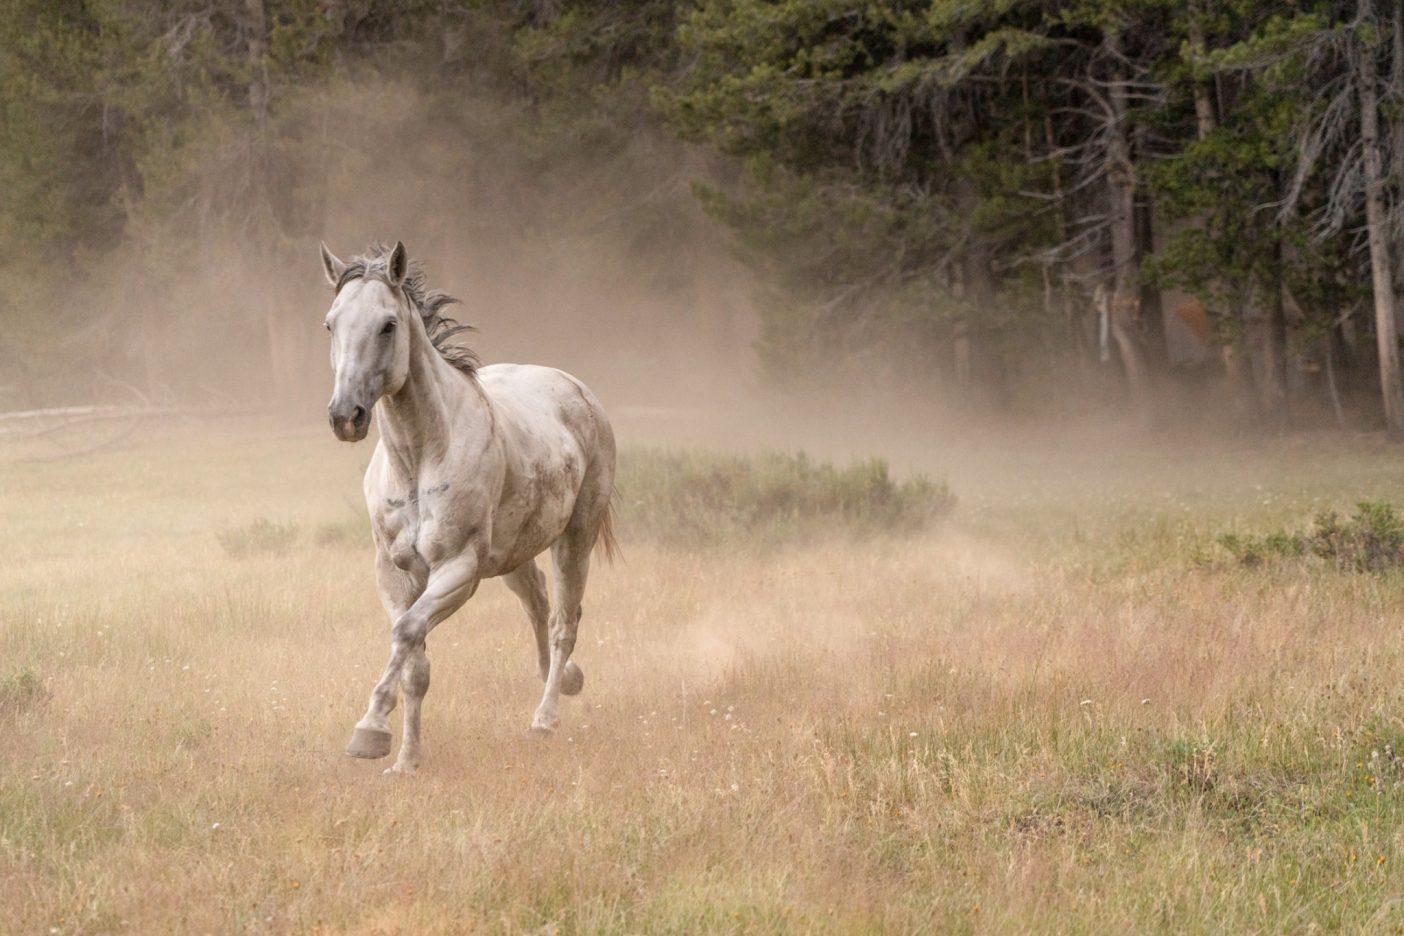 ホースシュー牧草地から少し進んで、リトルホイットニー牧草地で丈の高い草を探すガペルの後ろに土埃が舞う。Photo:Taylor Rees